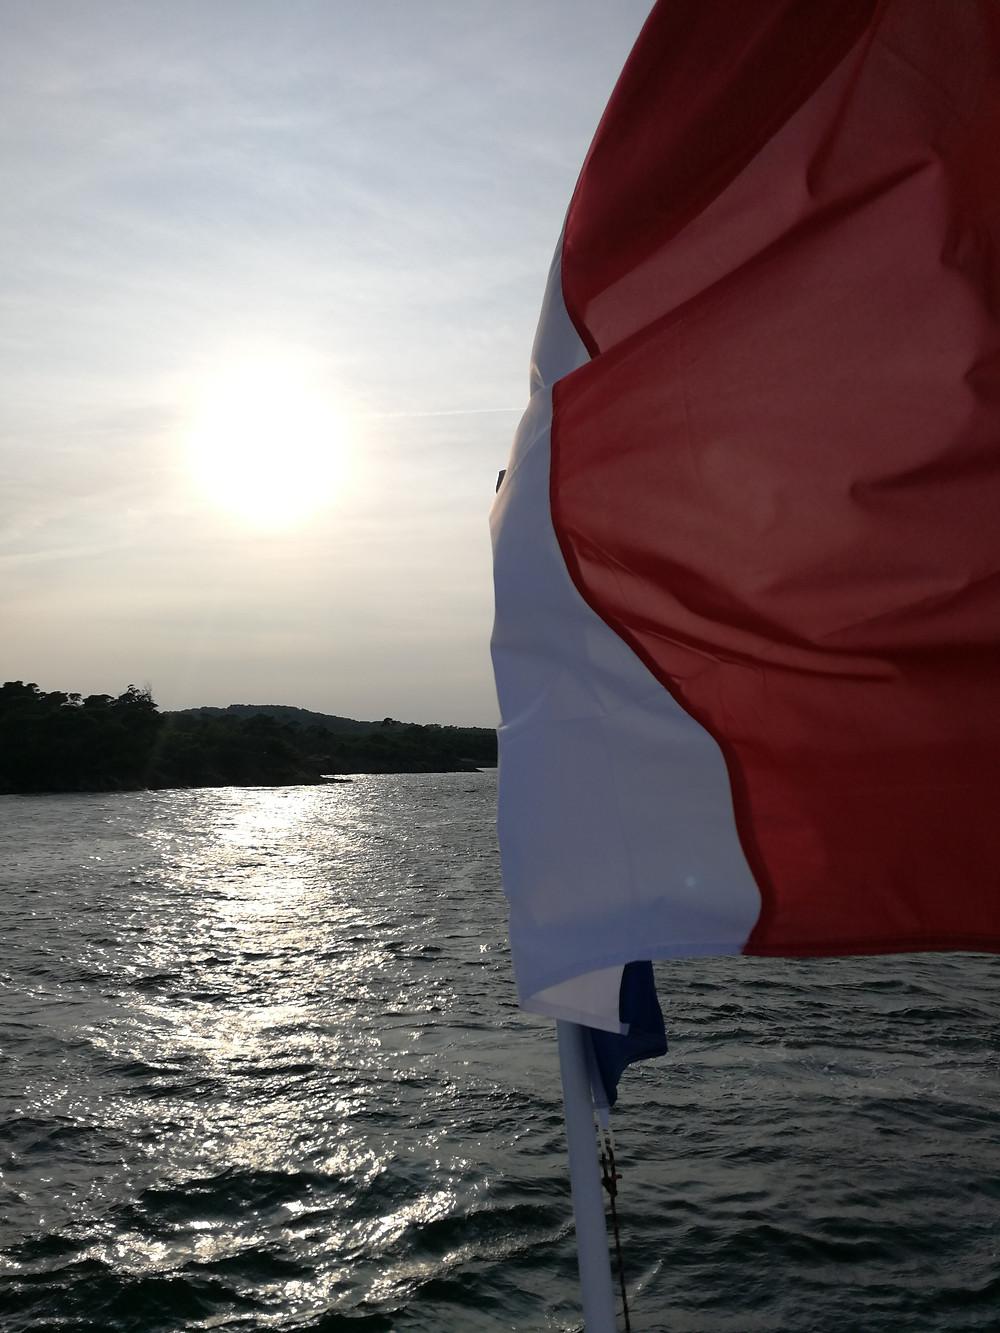 Drapeau français flotte au vent sur un bateau